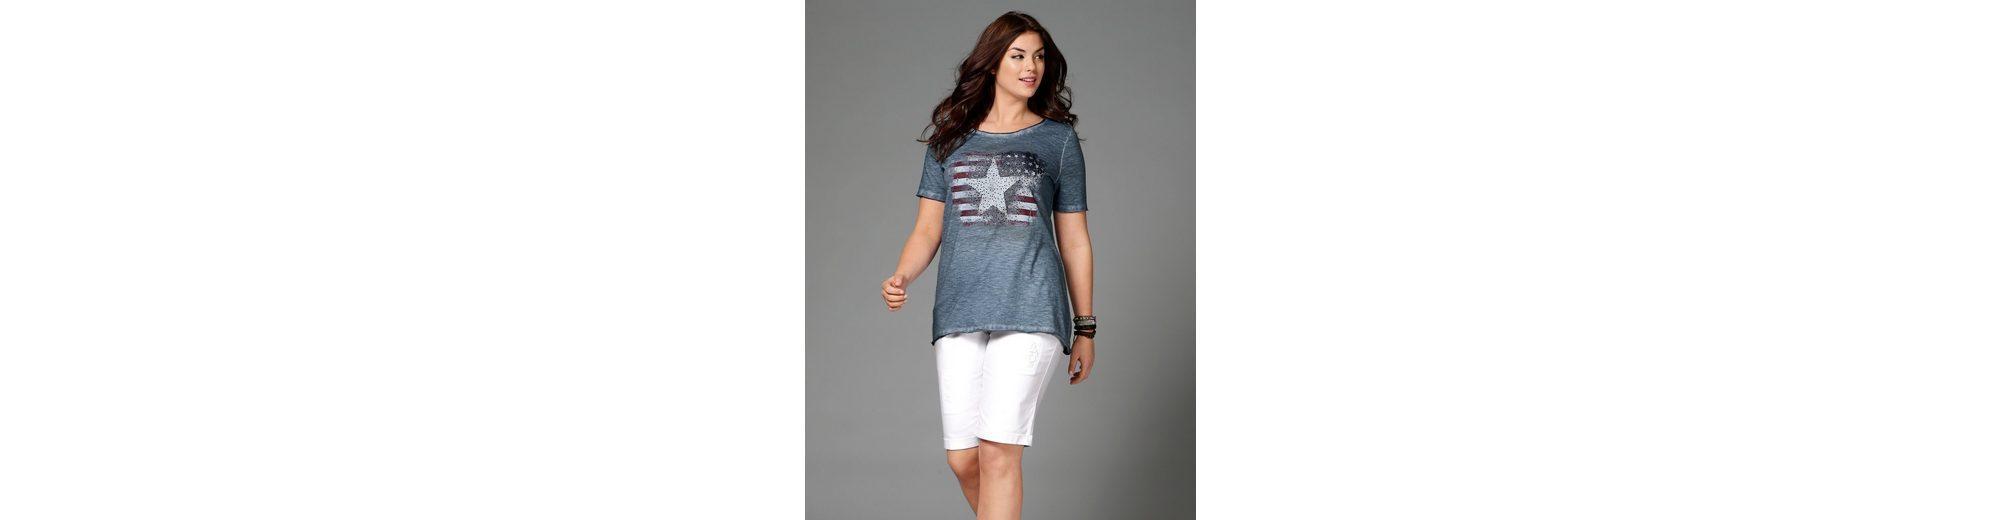 Angel of Style by Happy Size Shirt oil wash mit US-Print und Glitzersteinen Günstig Kaufen 100% Authentisch Freies Verschiffen Extrem hERutN